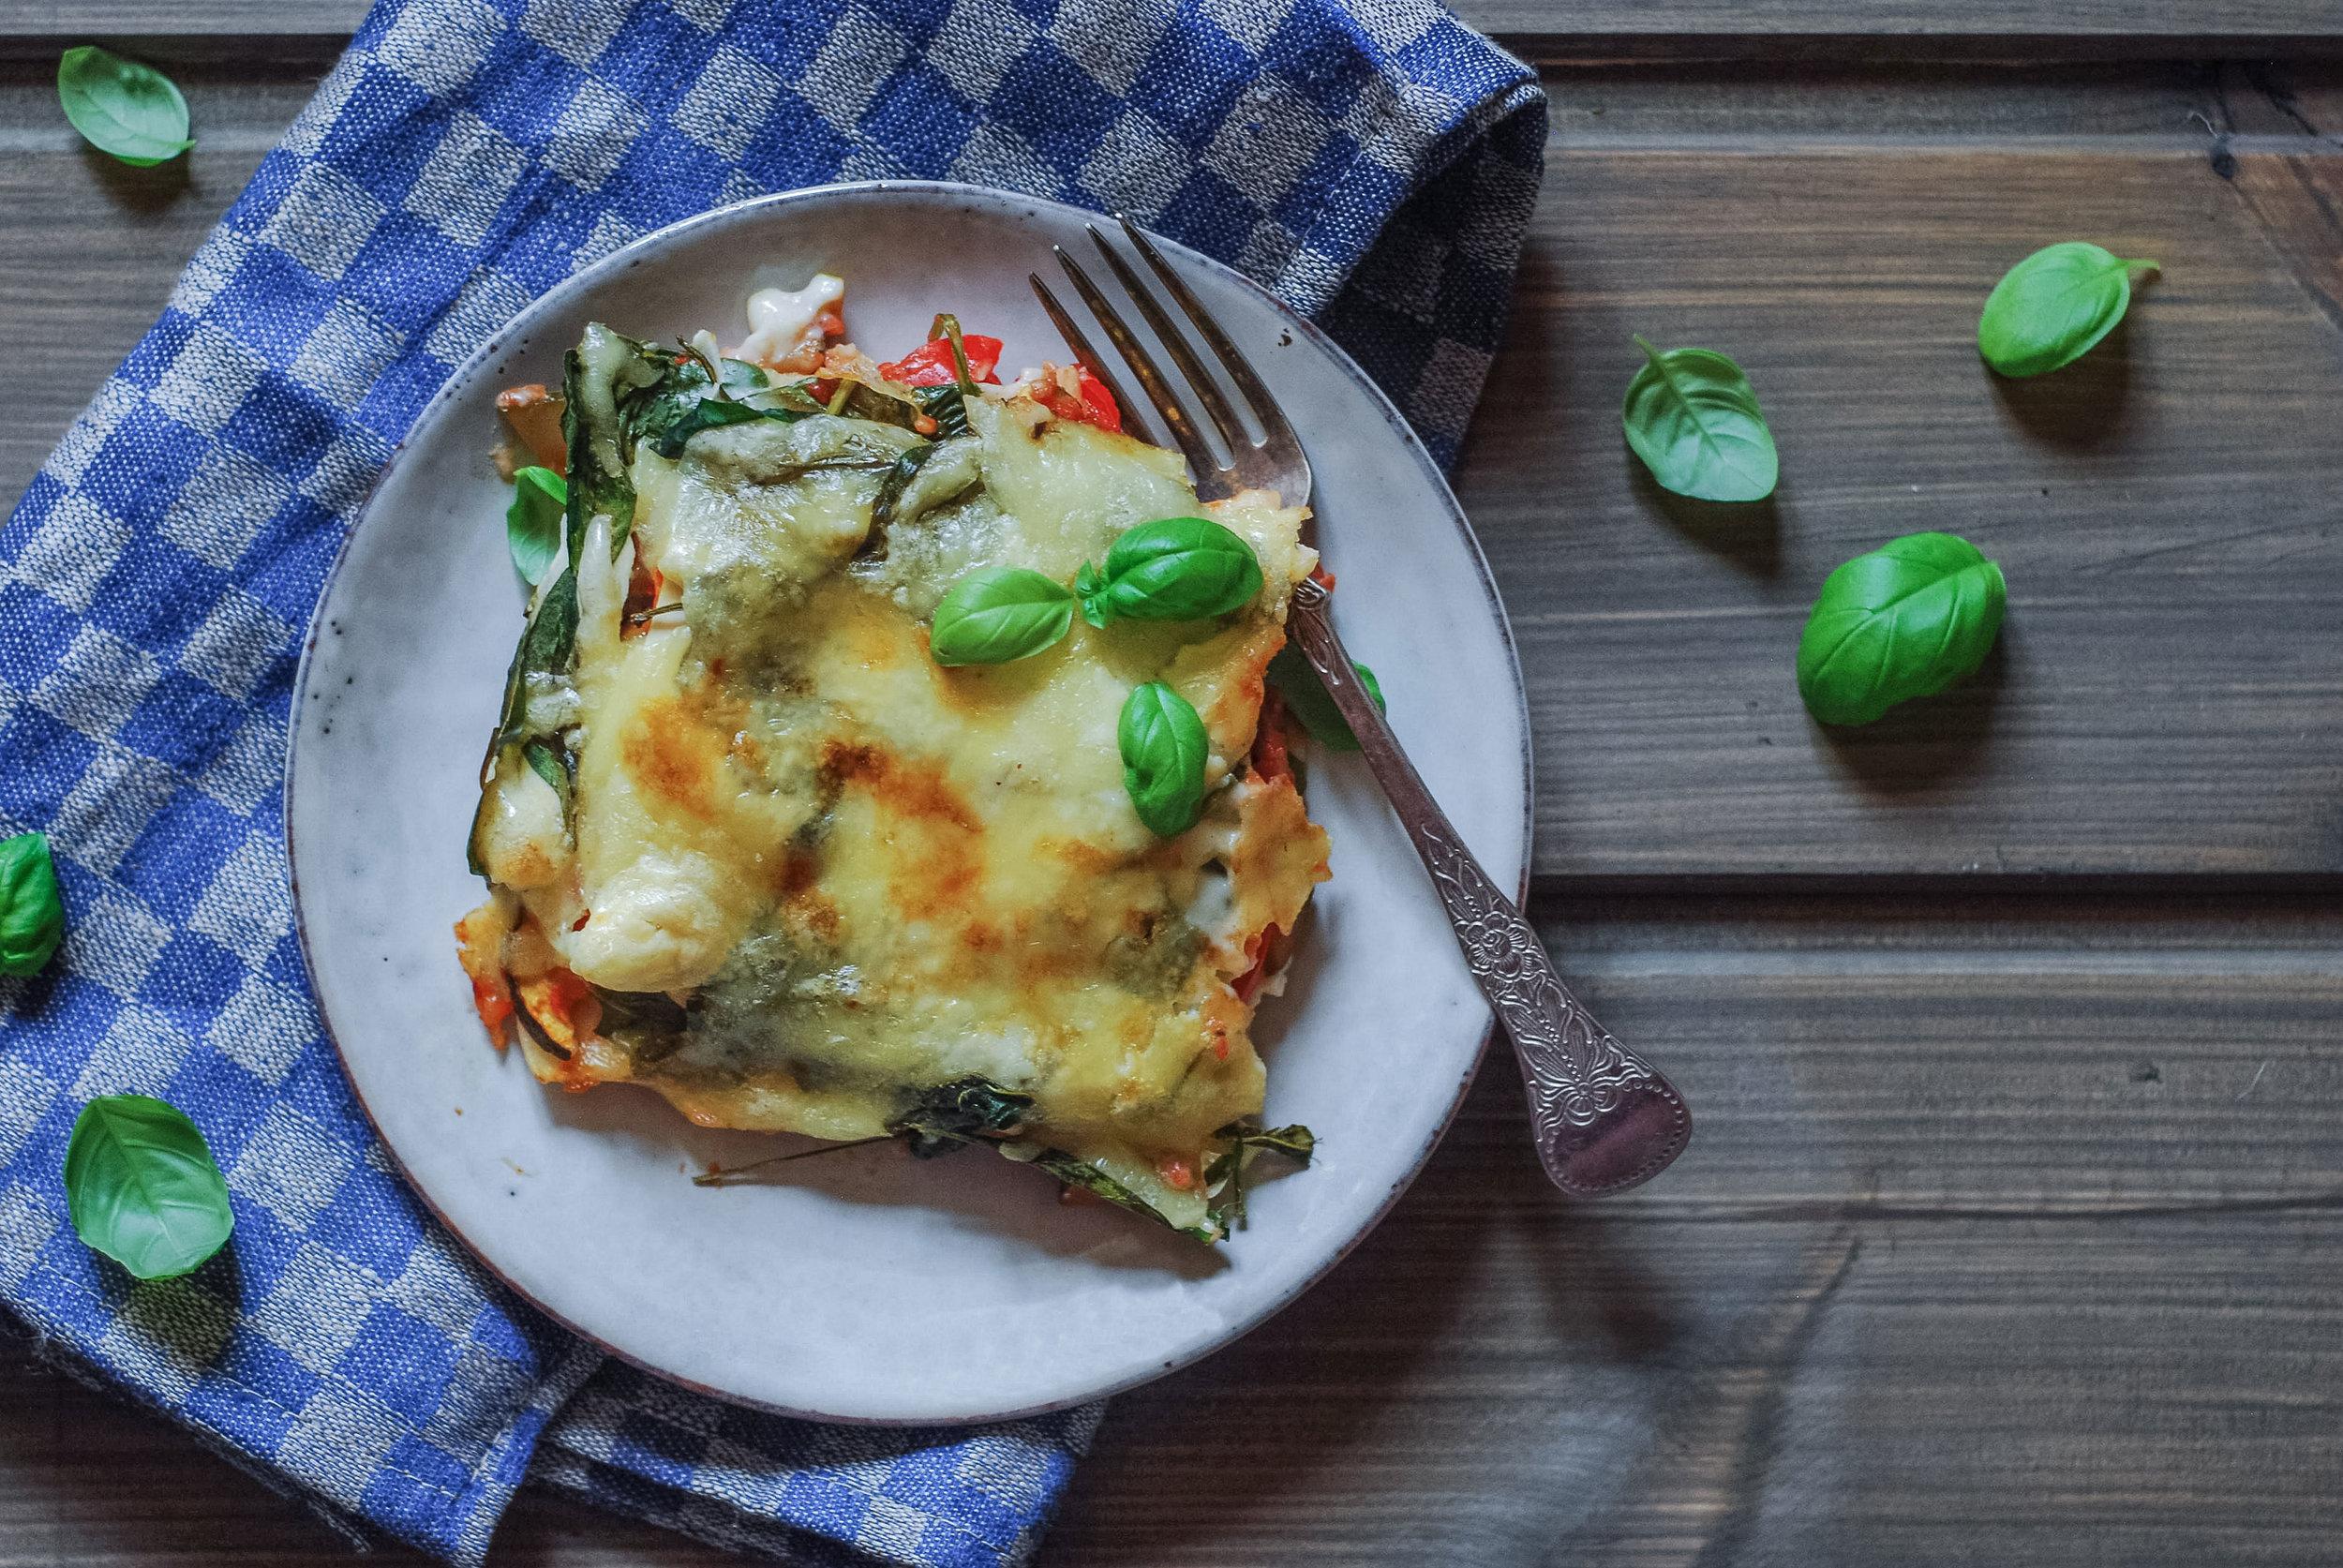 Middag uten kjøtt.  En middag uten kjøtt trenger ikke være kjedelig, sånn som denne  lasagnen.